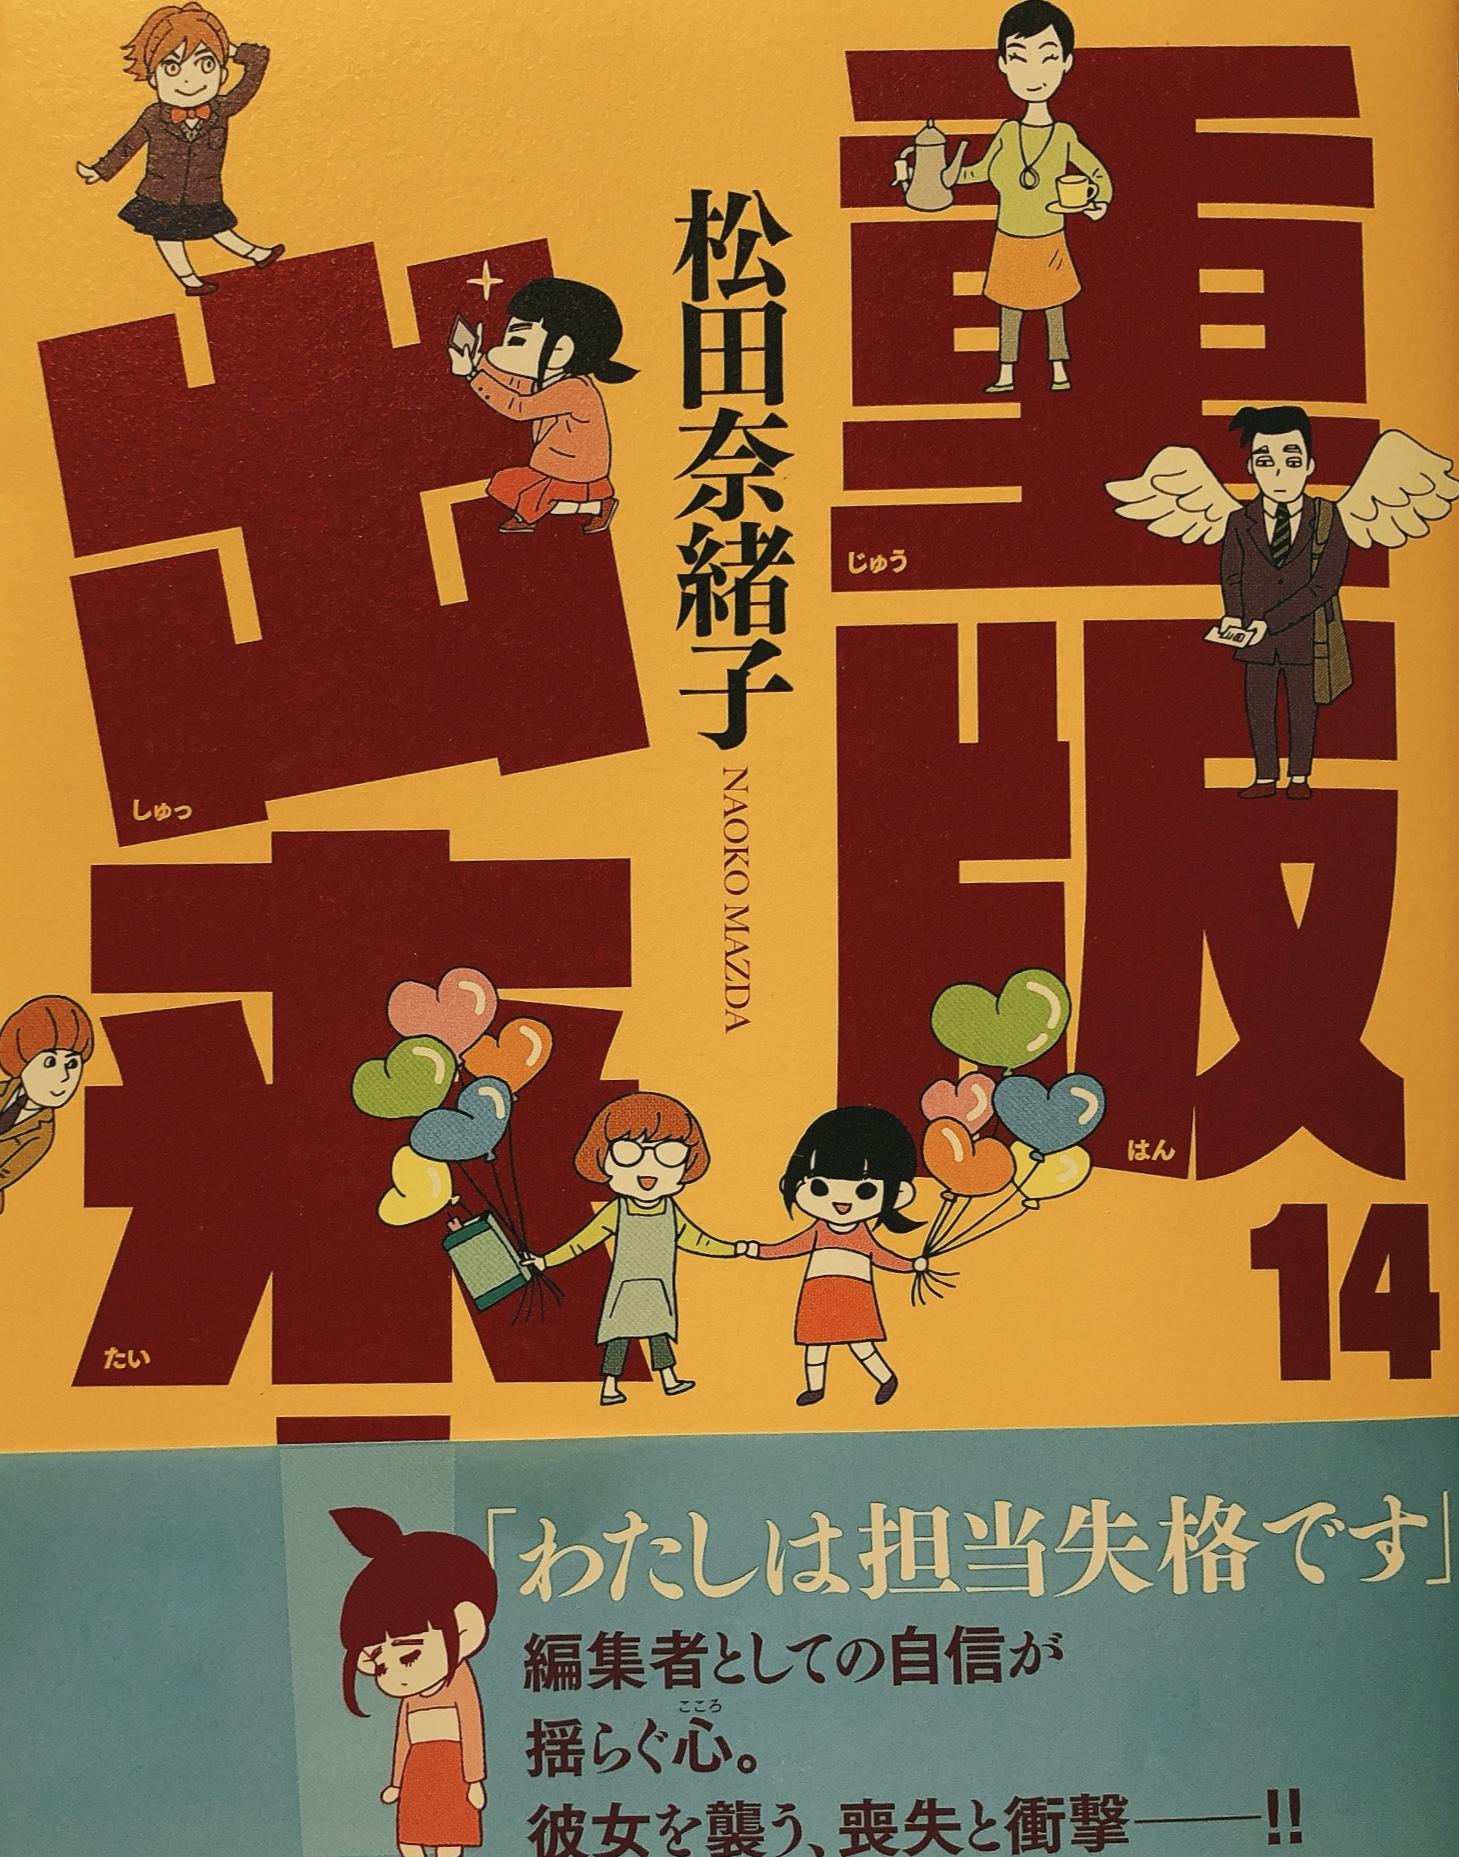 「漫画好きなら見逃せない!『重版出来!』のススメ!」のアイキャッチ画像